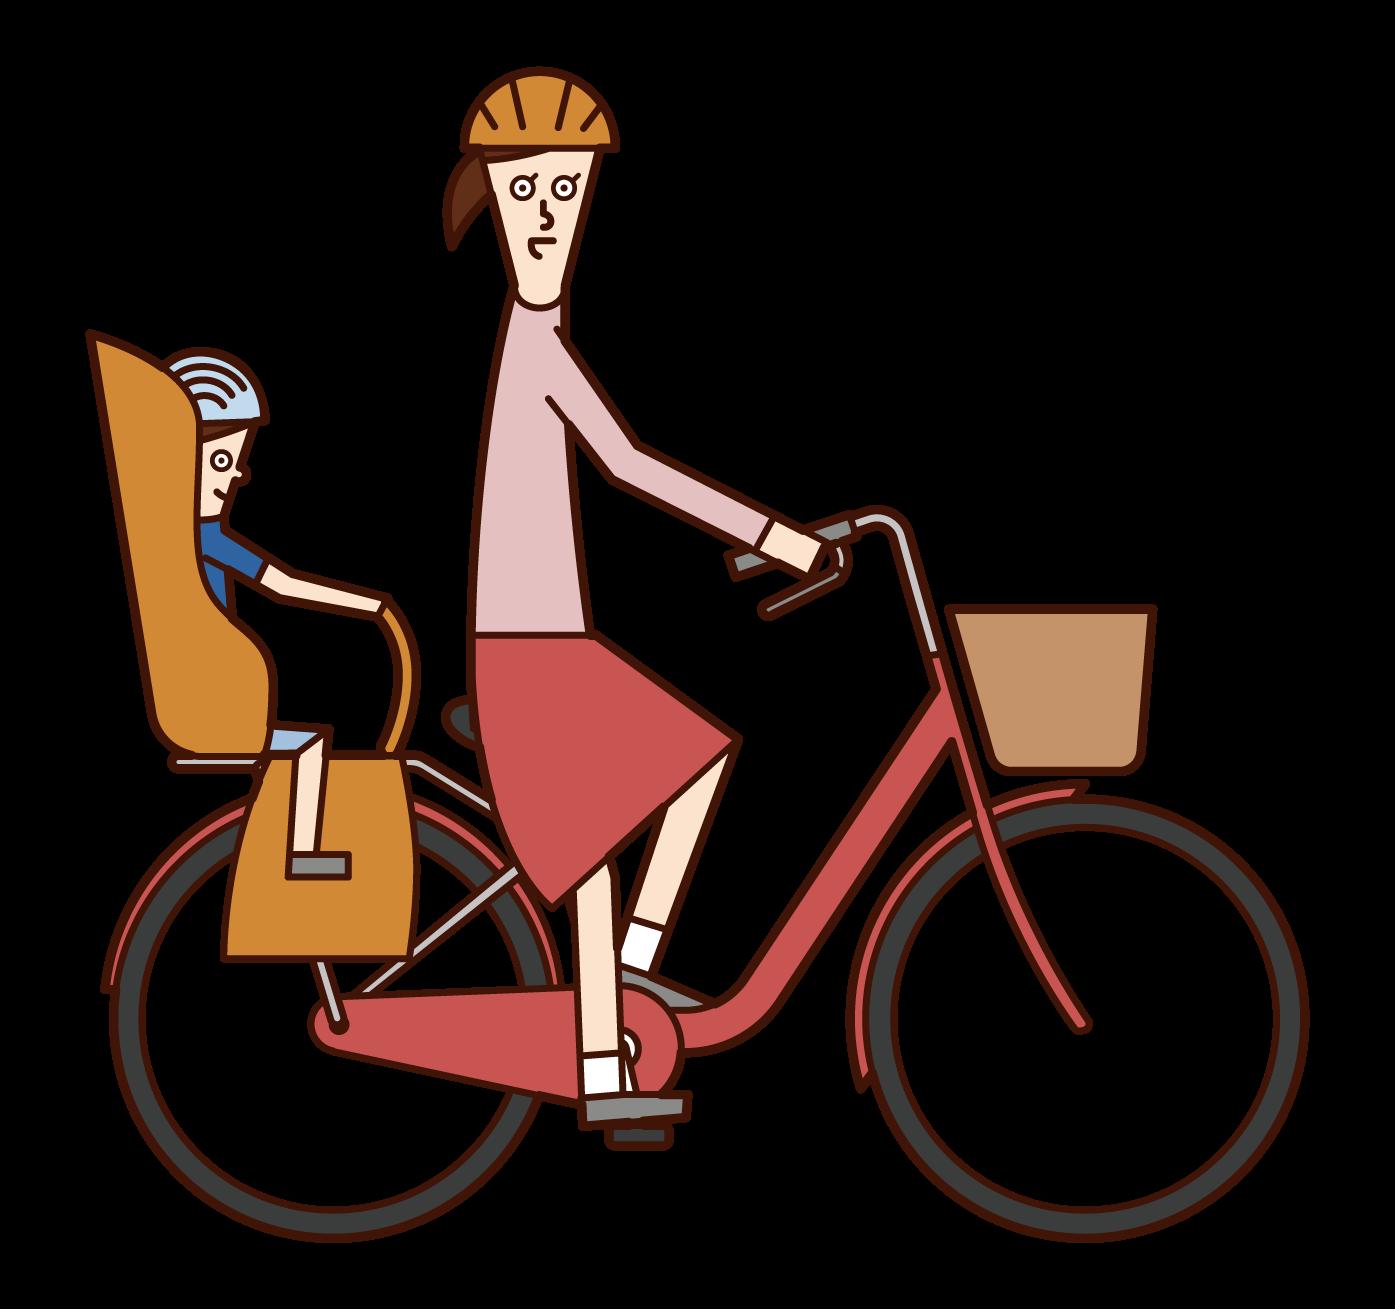 자전거를 탈 때 아이들과 함께 달리는 사람 (여성)의 그림